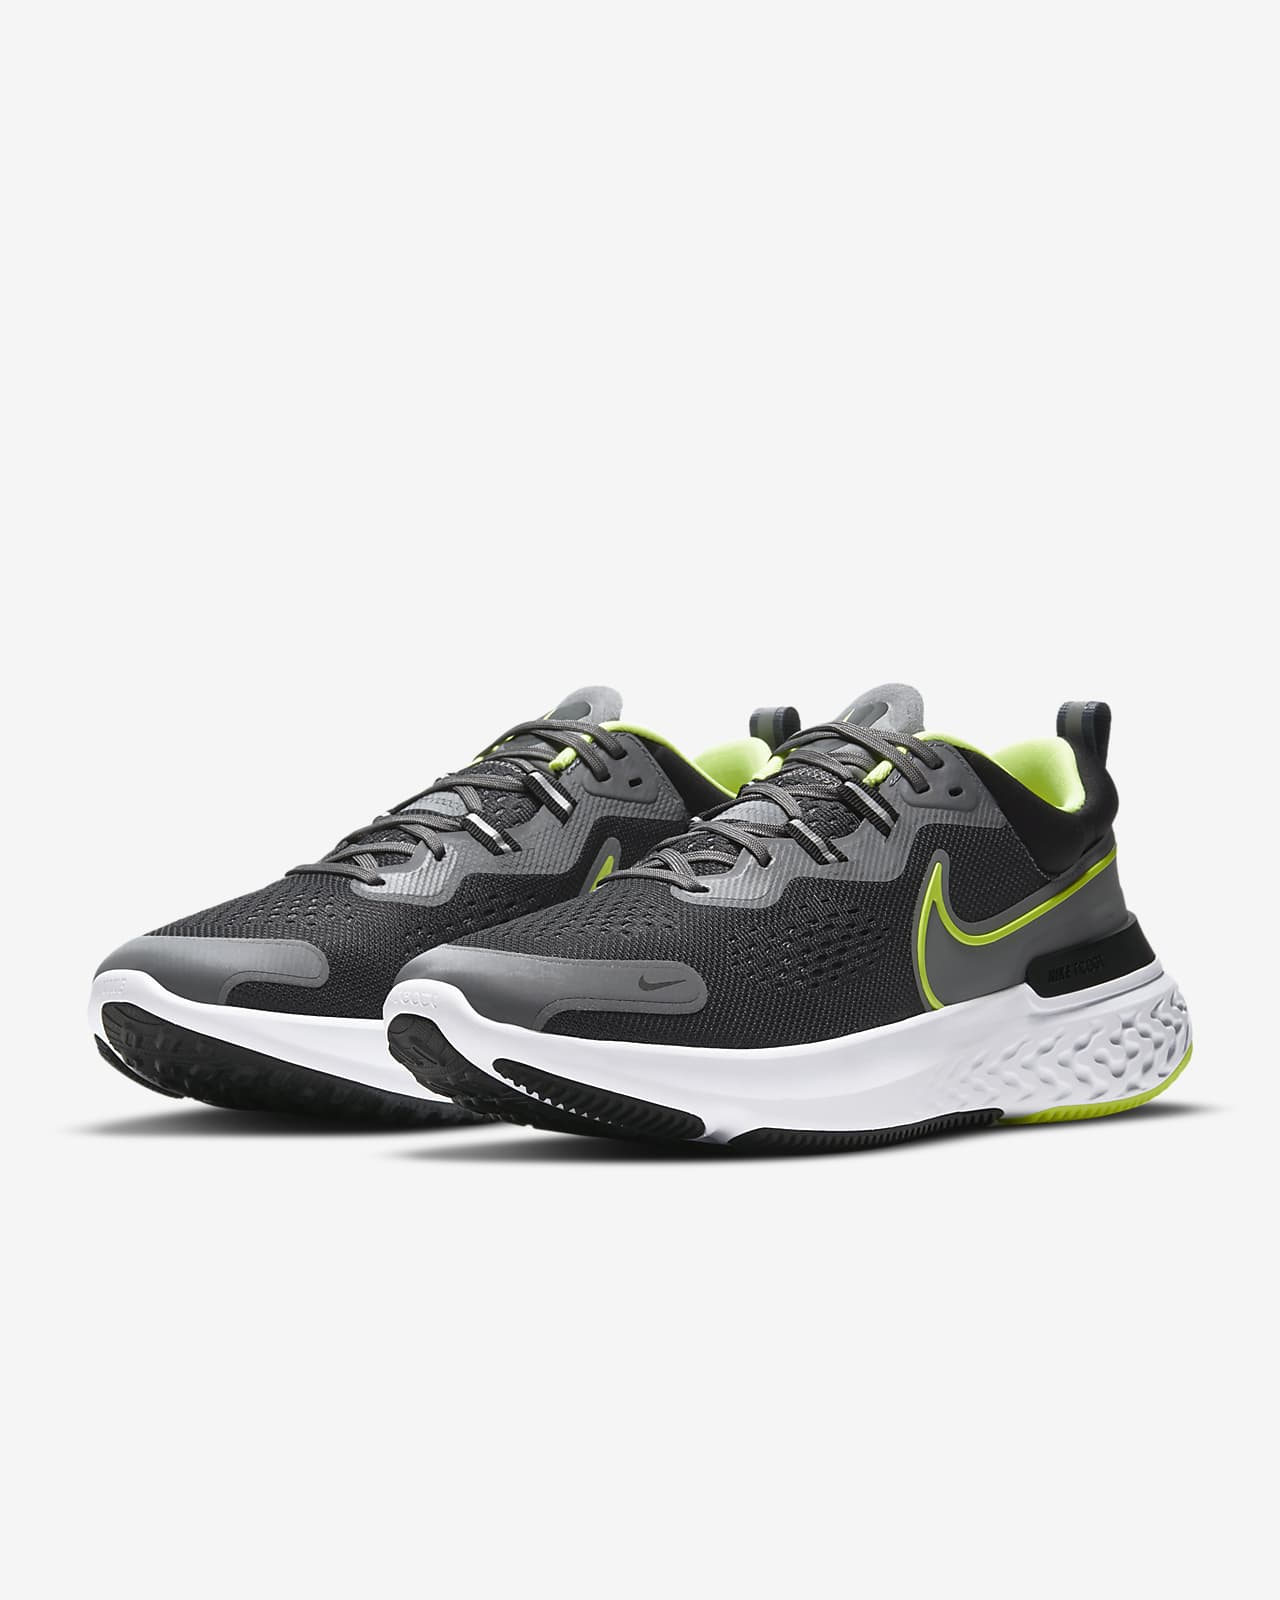 Nike React Miler 2 Zapatillas de running para carretera - Hombre